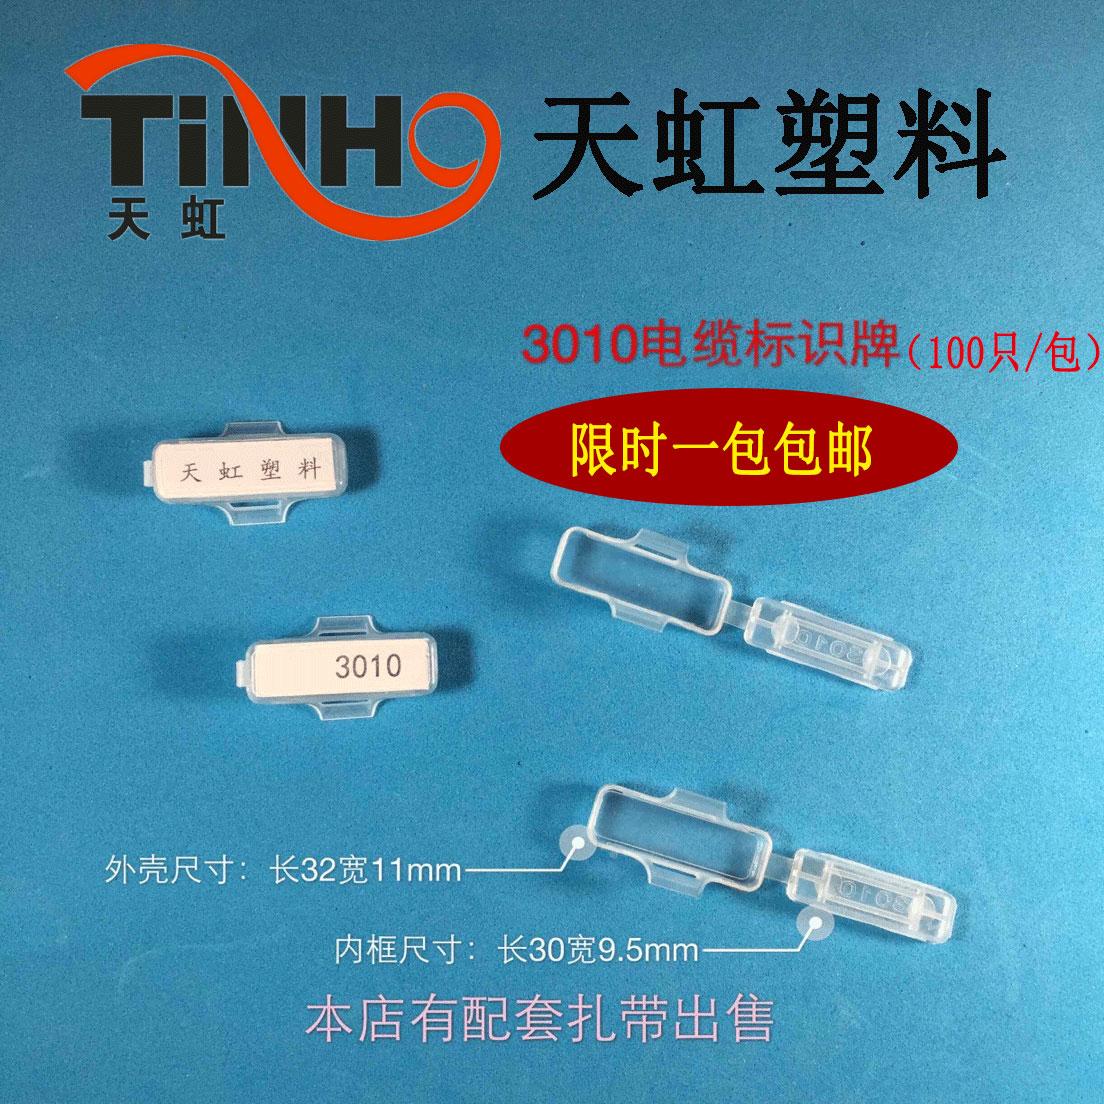 包邮塑料3010防水透明电线电缆标牌标志牌 标识框 扎带标示挂牌